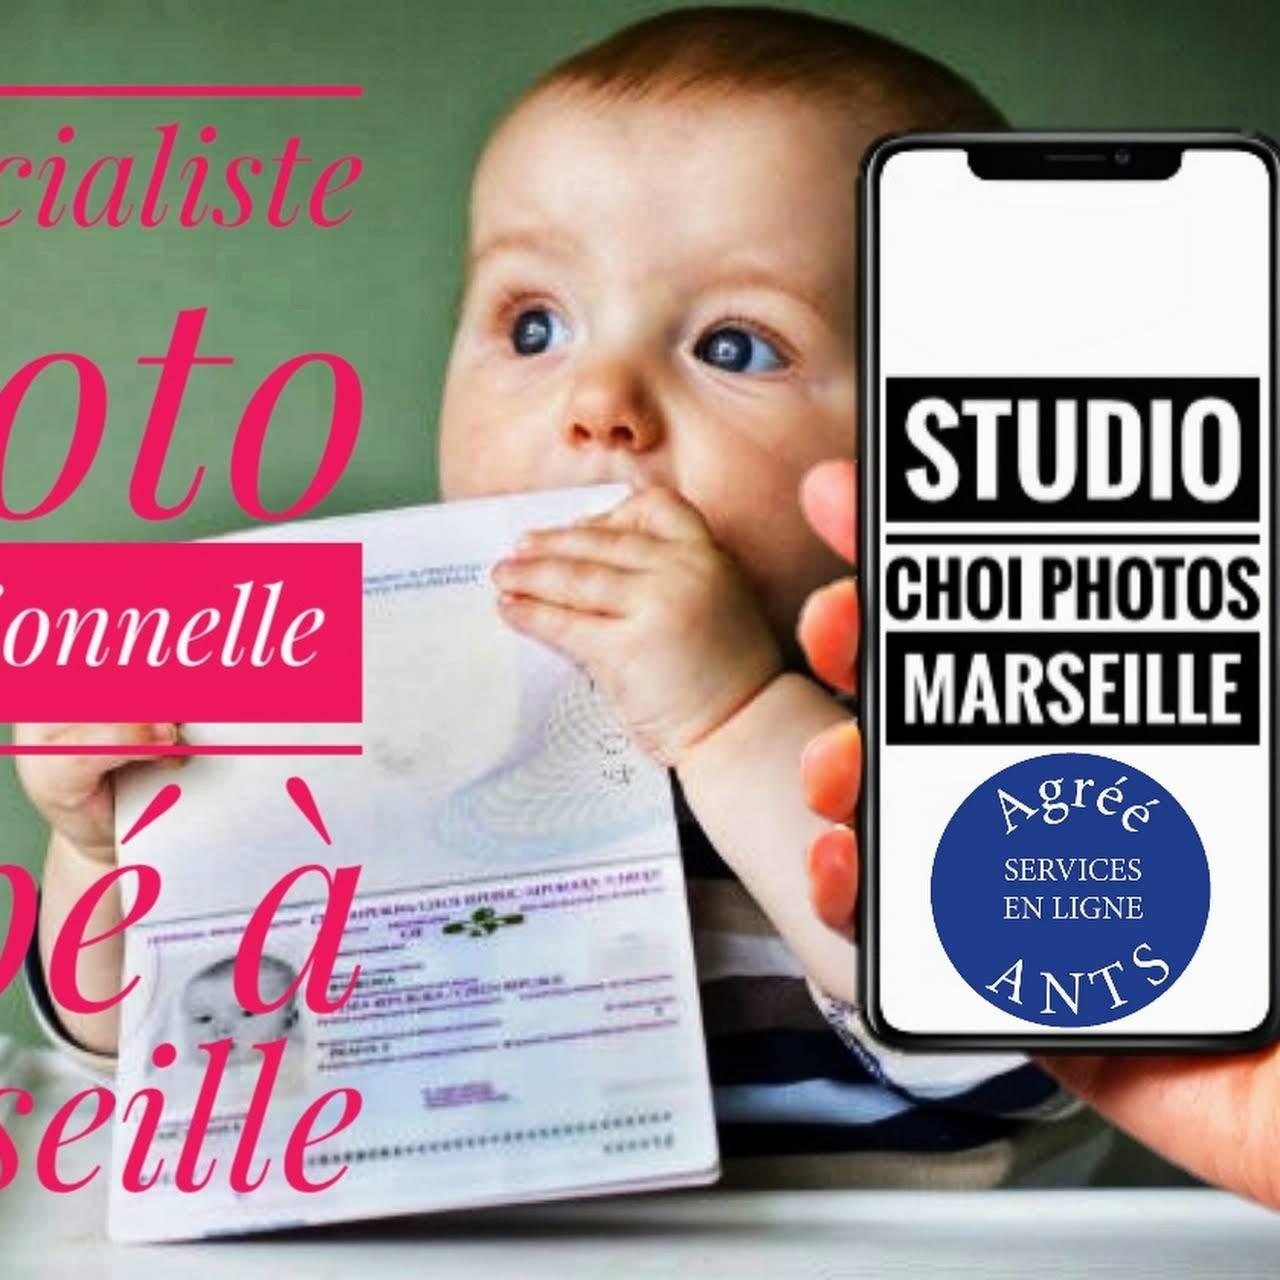 Studio Choi Photos Agréé Ants Photo Didentité Aux Galeries